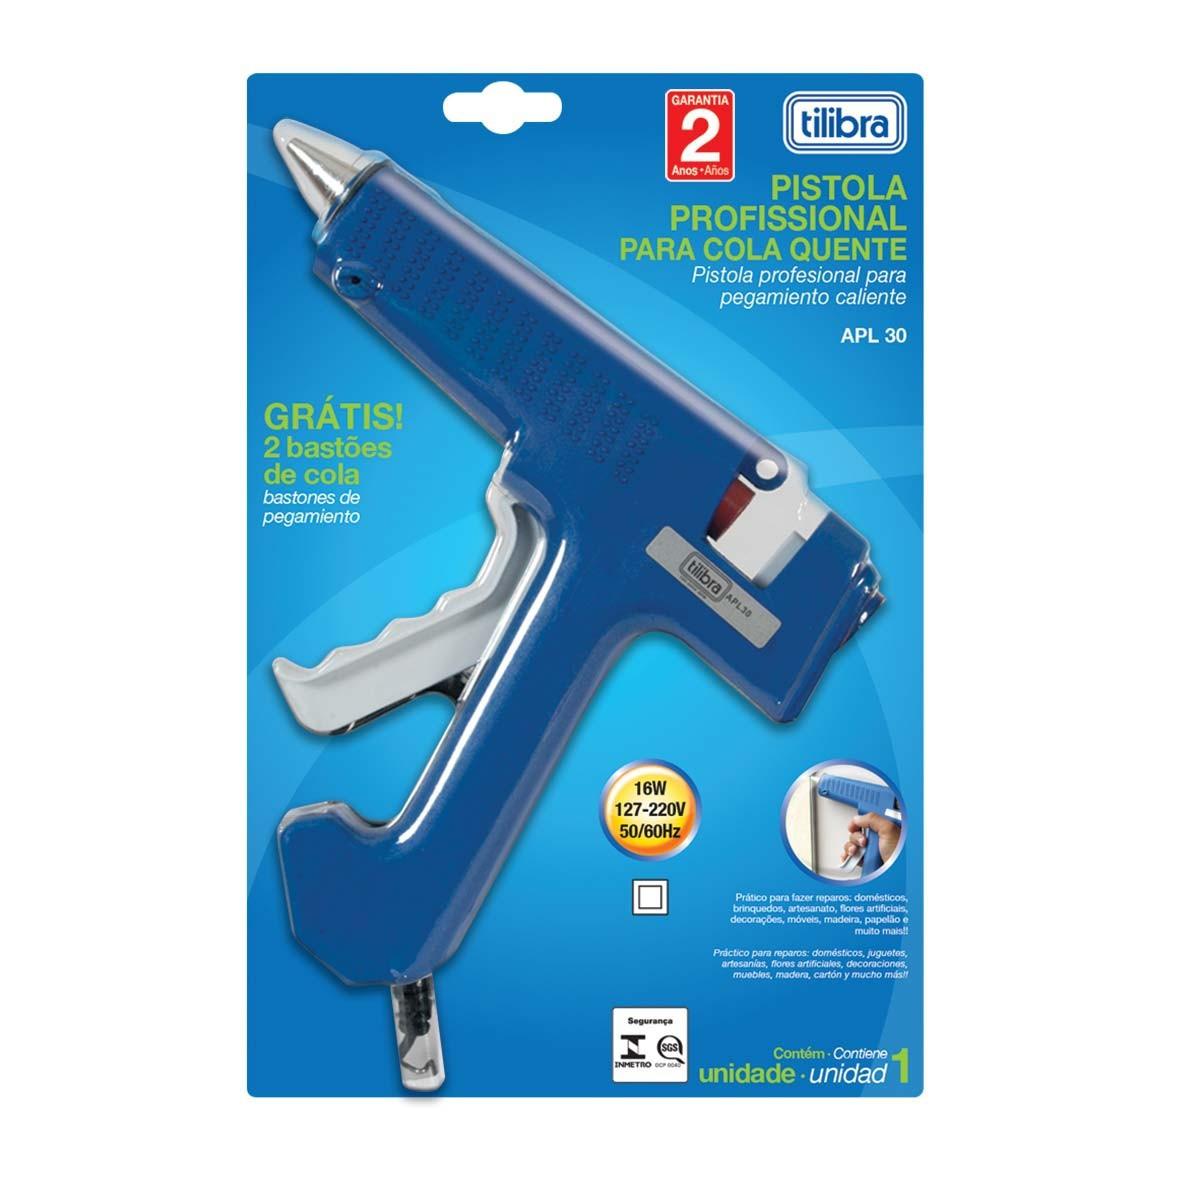 Pistola para cola quente profissional APL 30